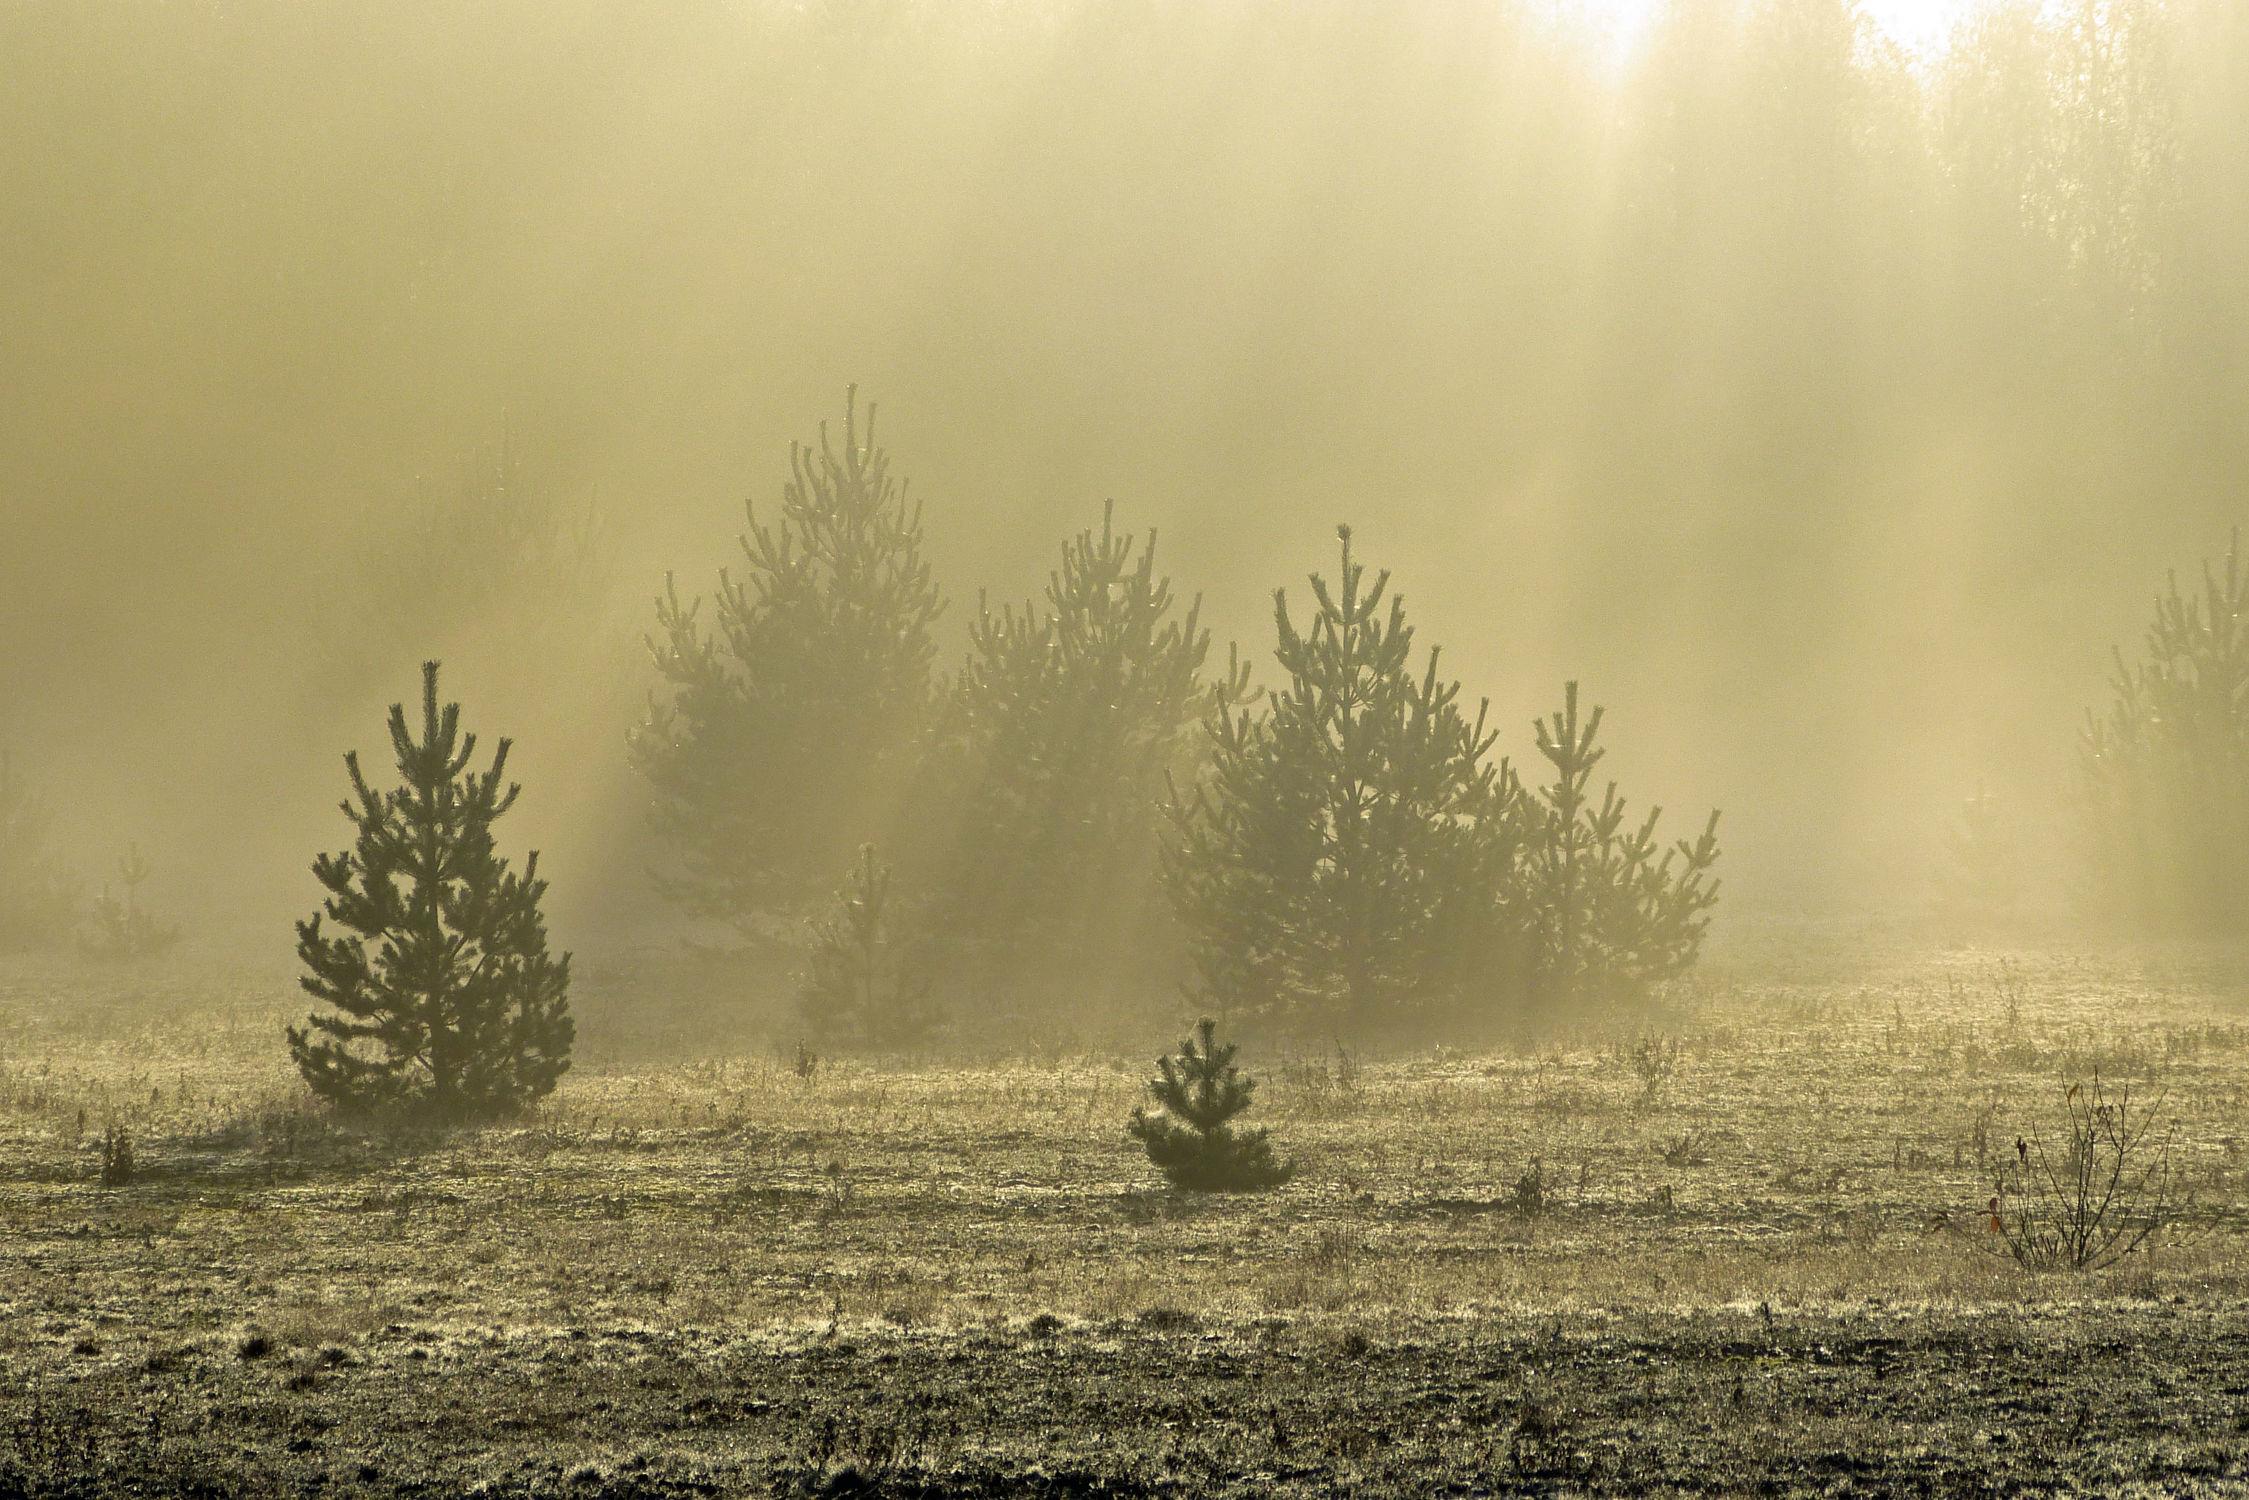 Bild mit Landschaften, Bäume, Sträucher, Nebel, Sonne, Licht, Felder, Sonnenstrahlen, Wiesen, Wärme, Idylle, Dunst, Ostfriese, Morgenstunde, Tagesanbruch, Taganbruch, Erwärmung, Morgenidylle